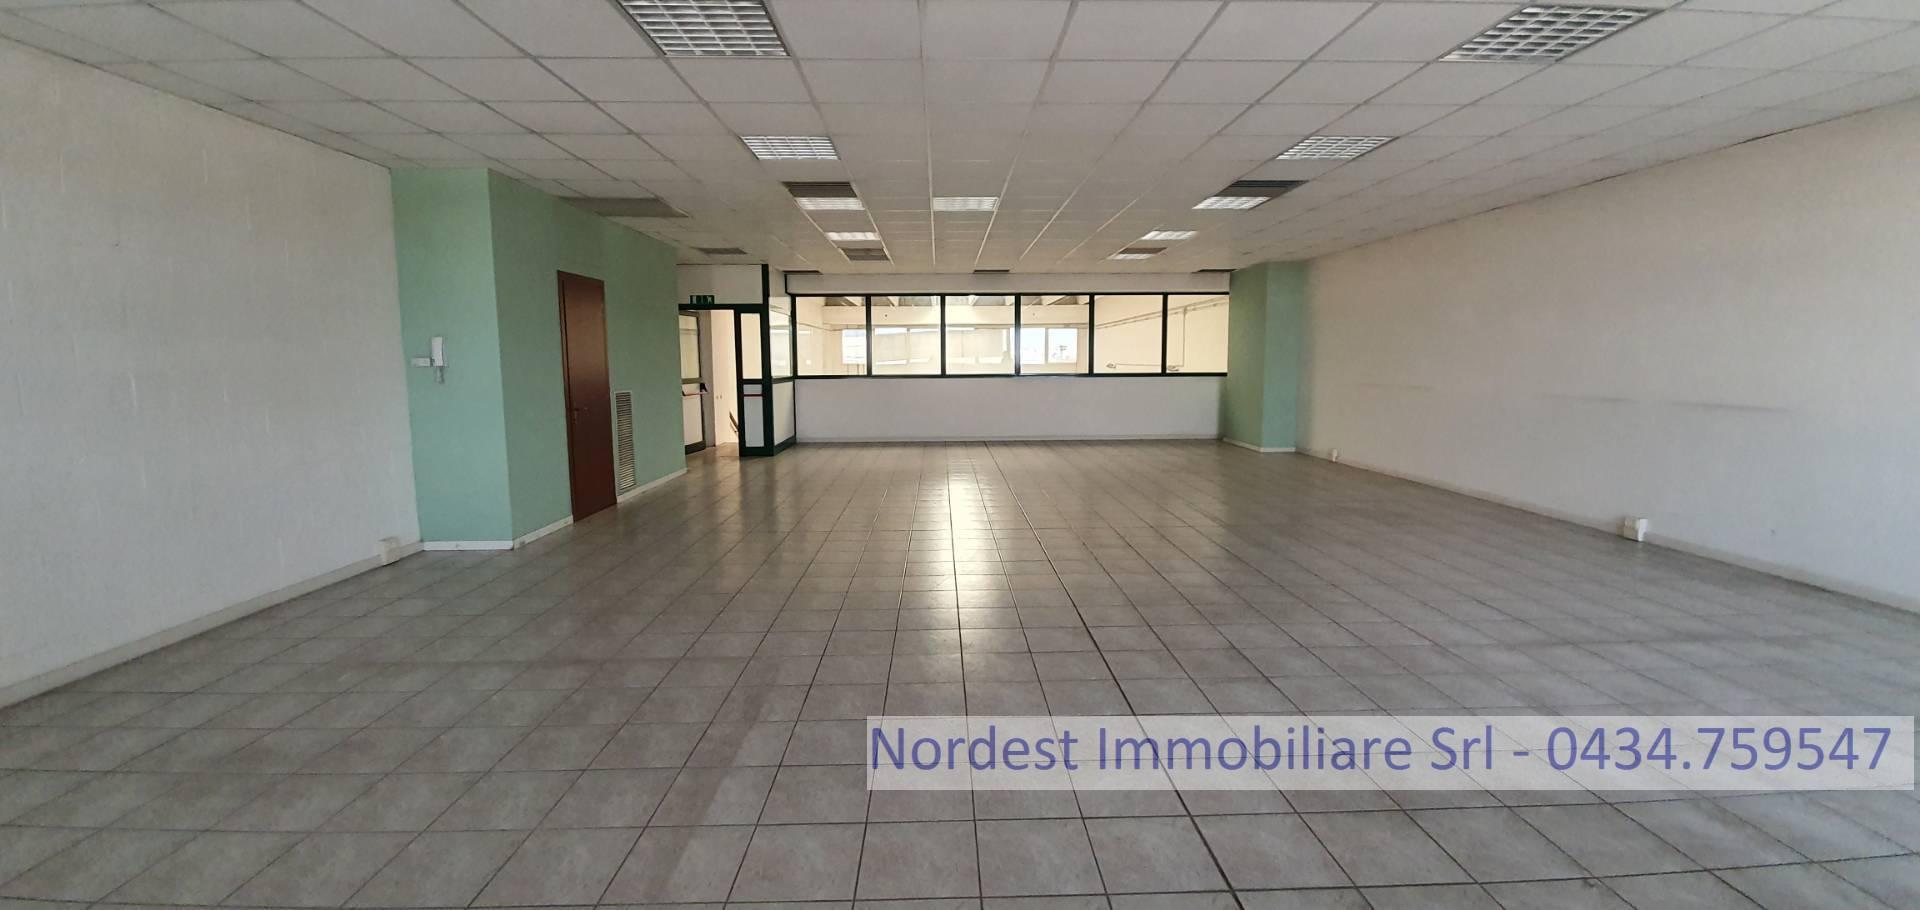 Ufficio / Studio in affitto a Prata di Pordenone, 9999 locali, prezzo € 850 | CambioCasa.it